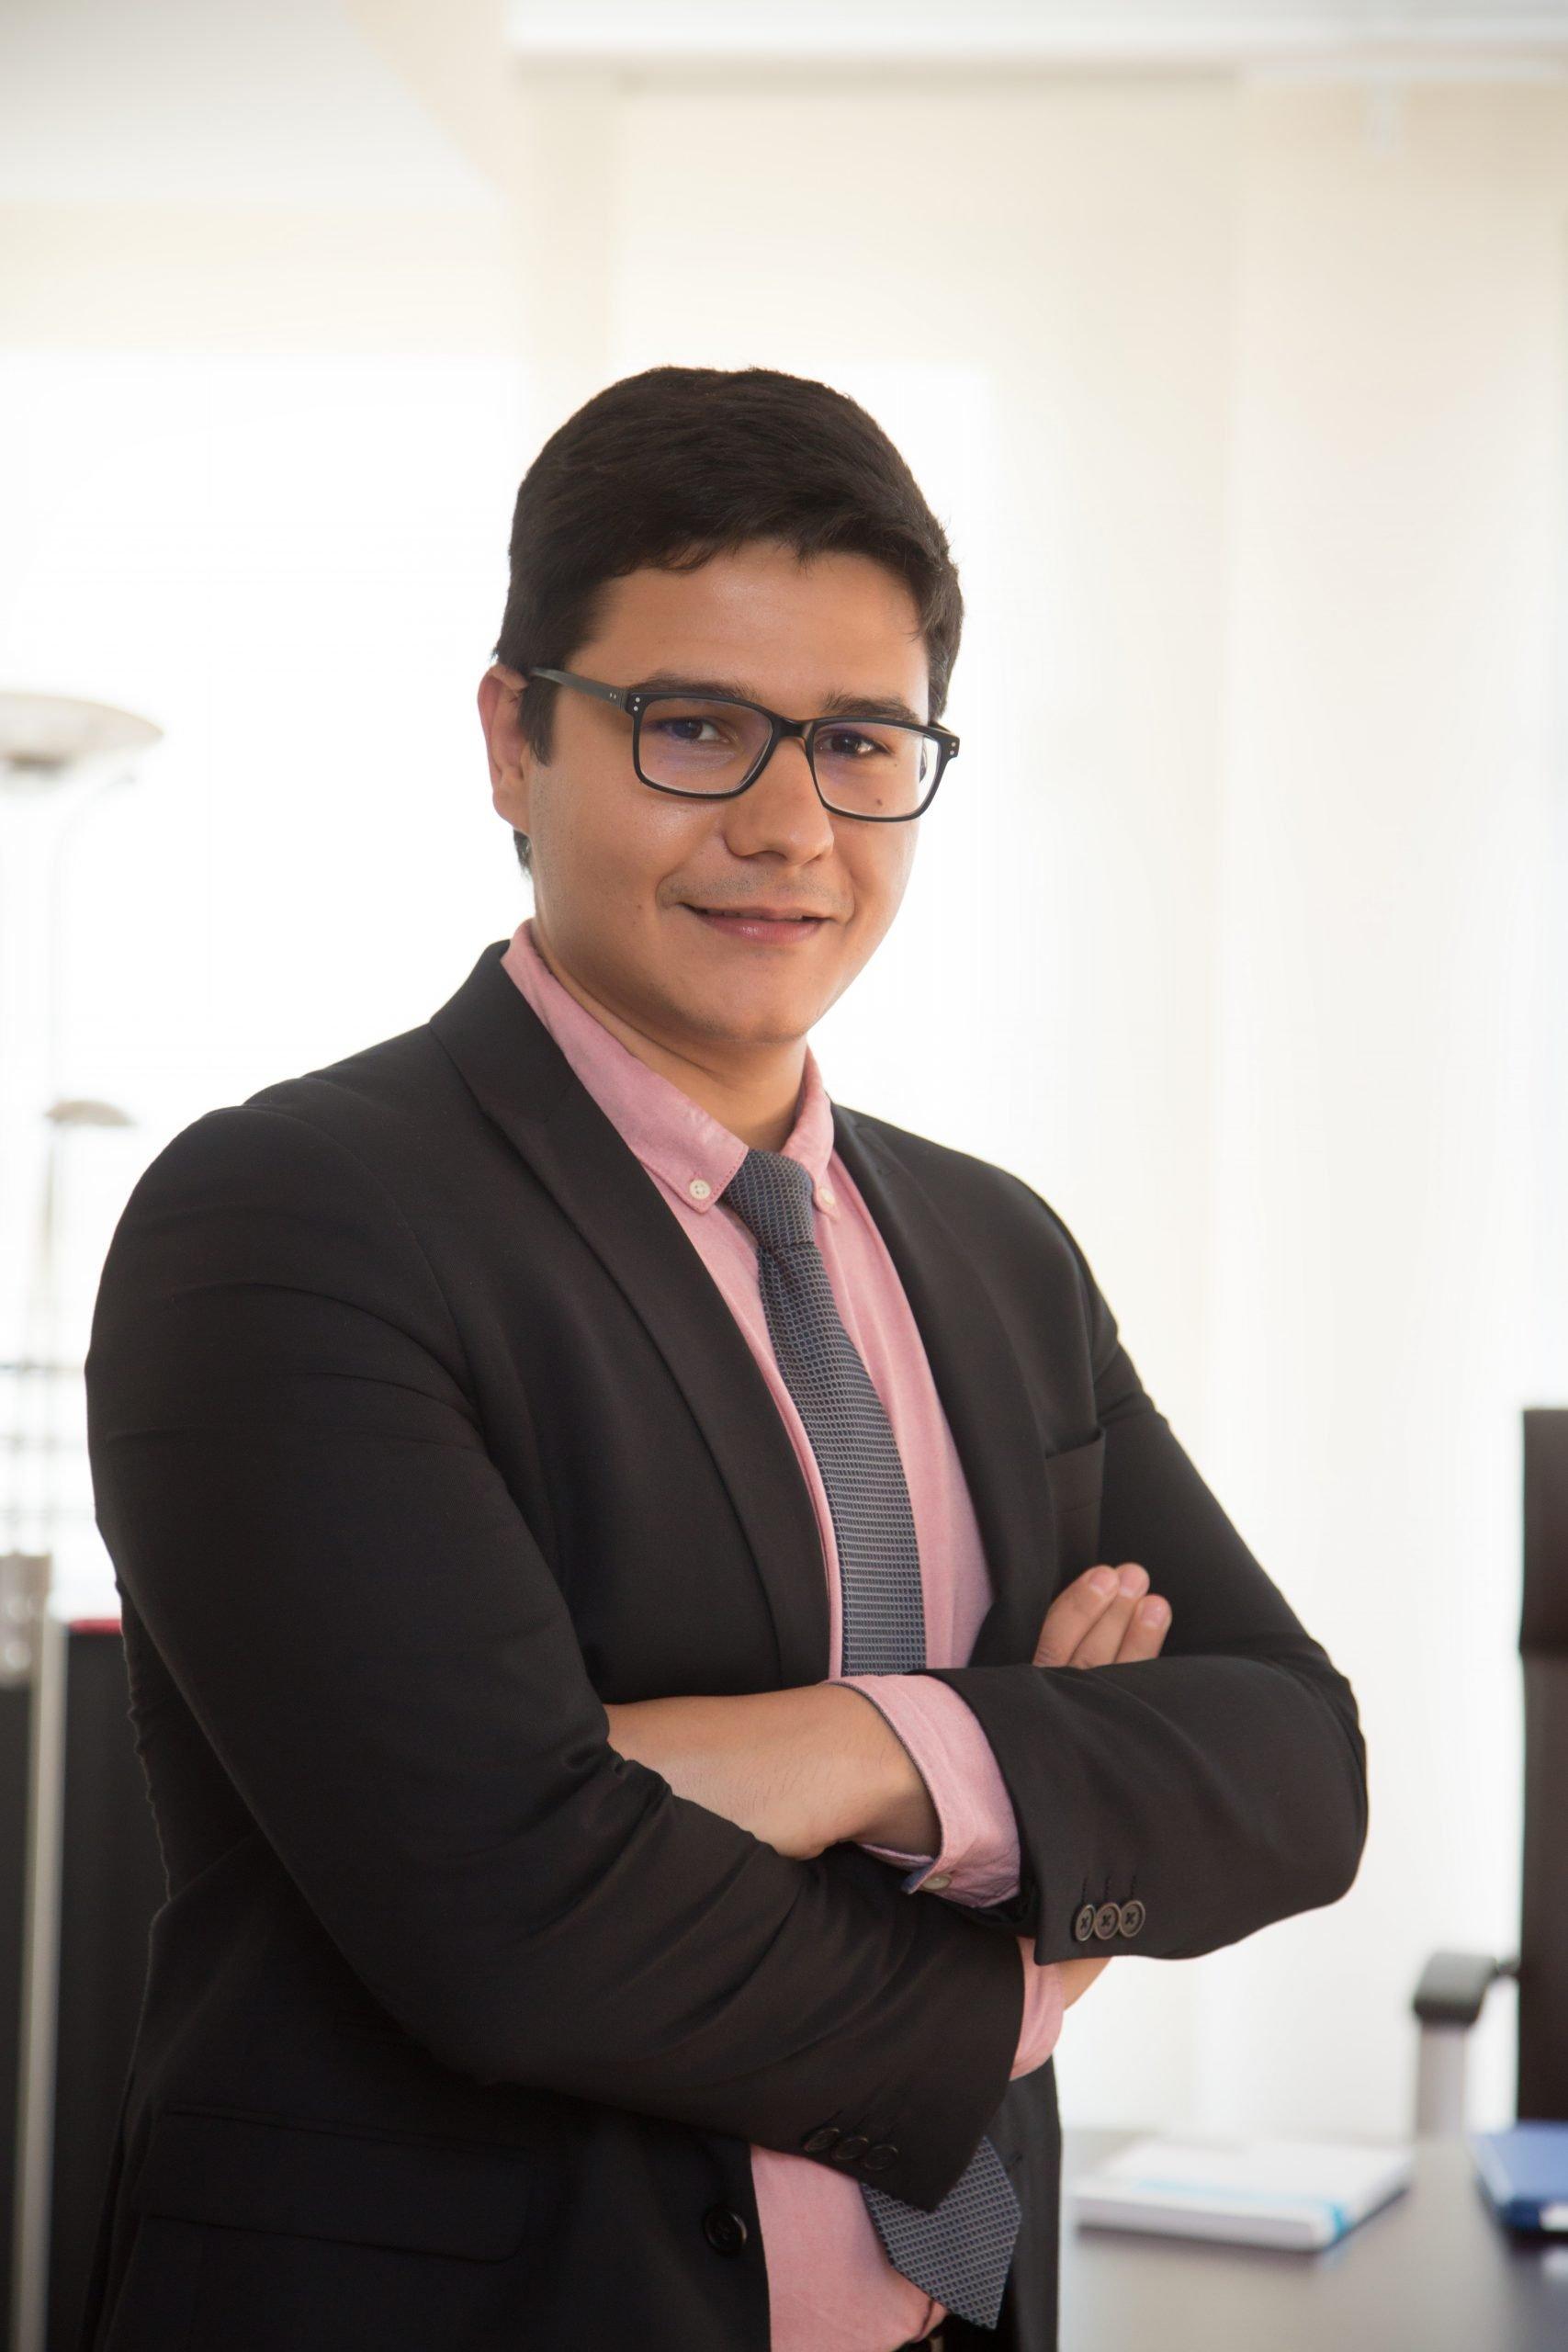 David Serrador